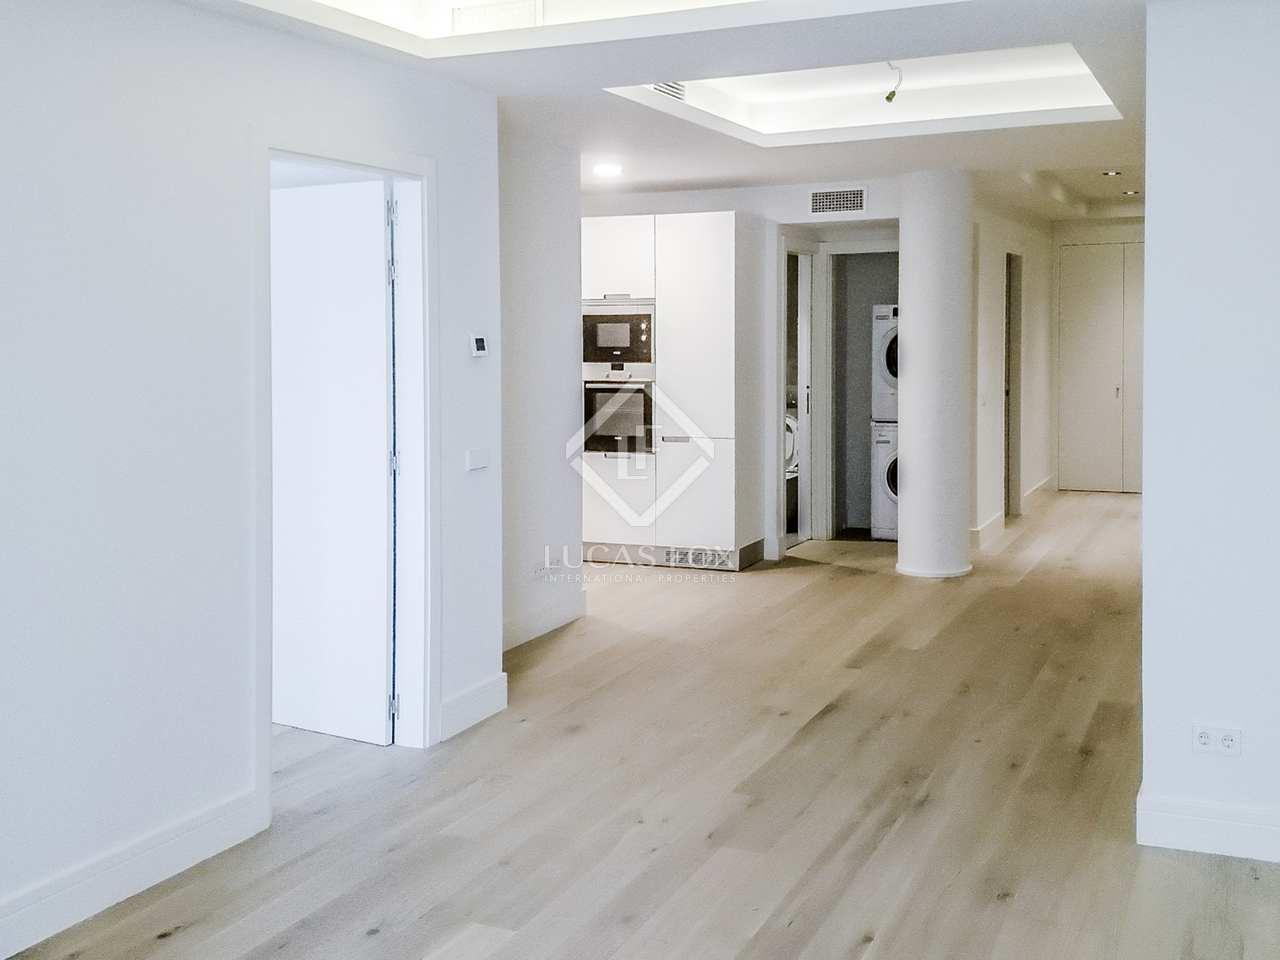 140m wohnung zum verkauf in recoletos madrid. Black Bedroom Furniture Sets. Home Design Ideas